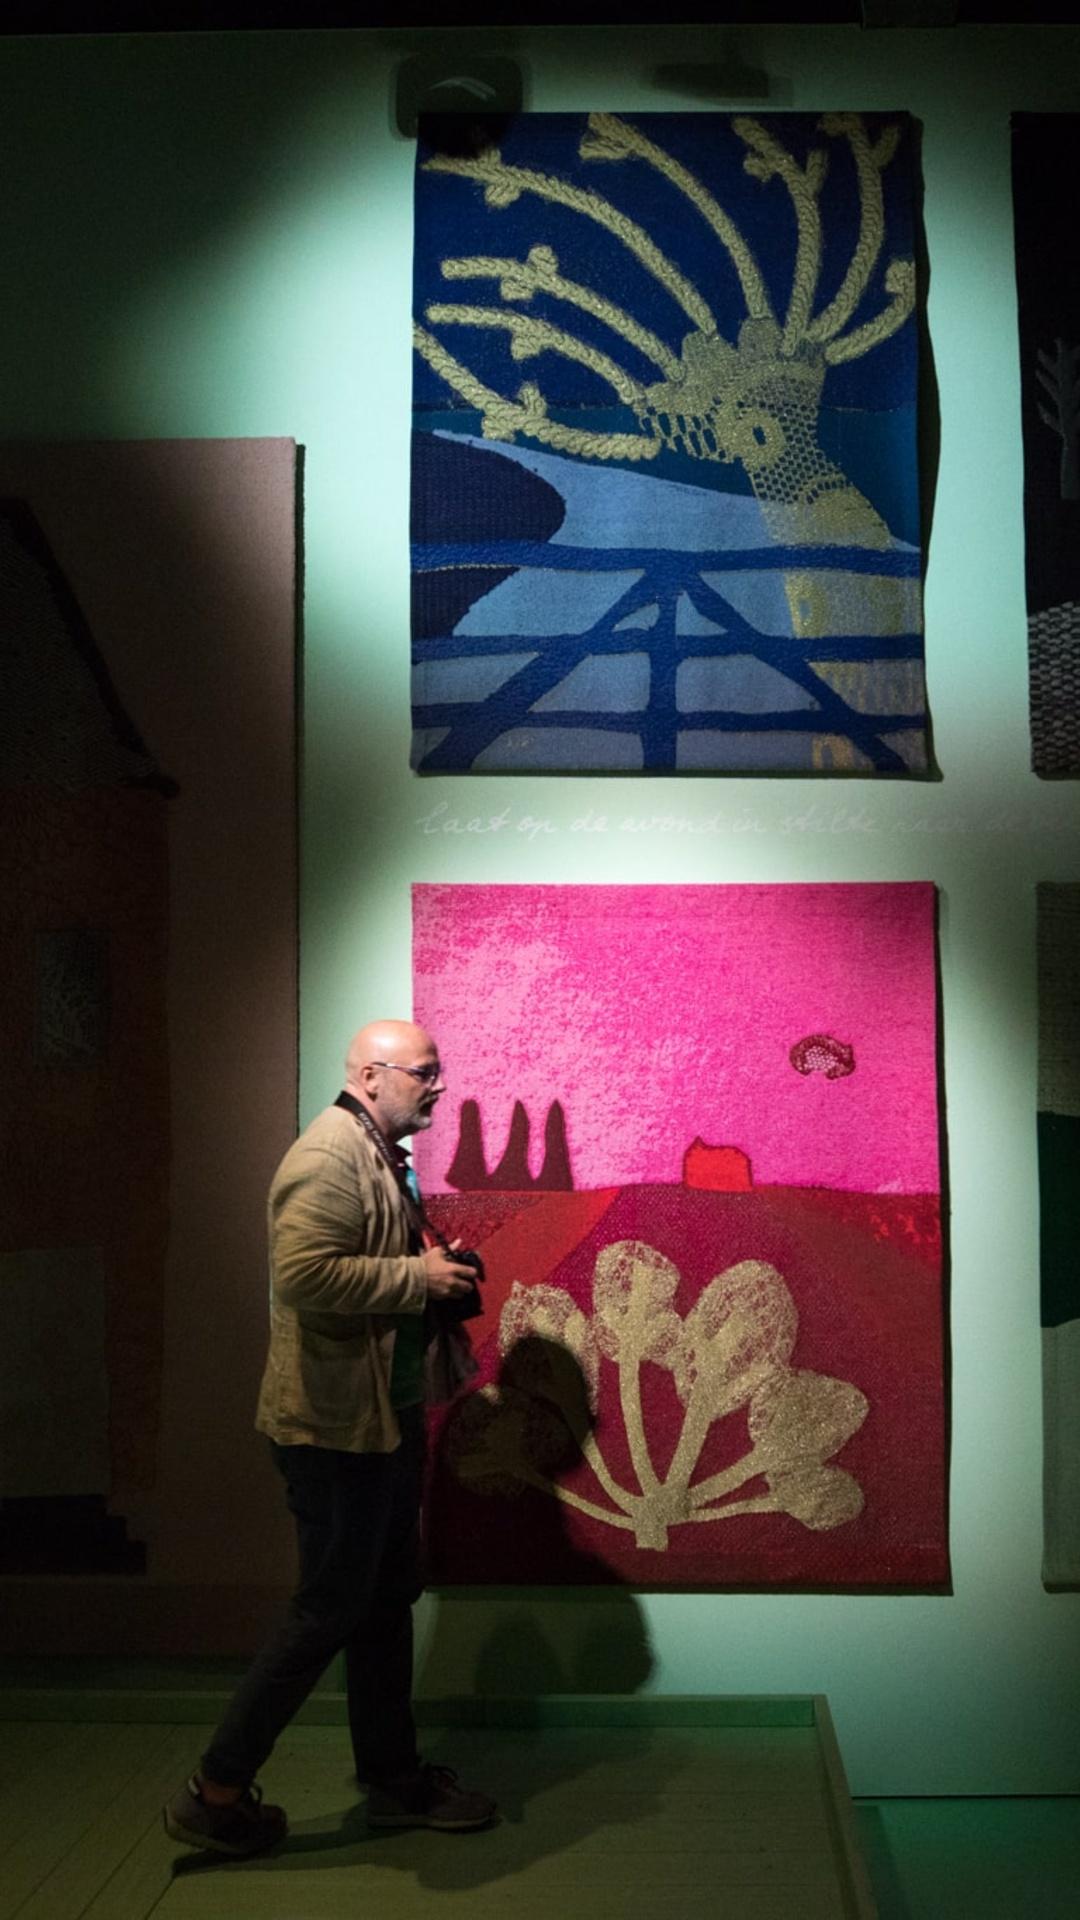 Zaaloverzicht tentoonstelling. Foto: William van der Voort.